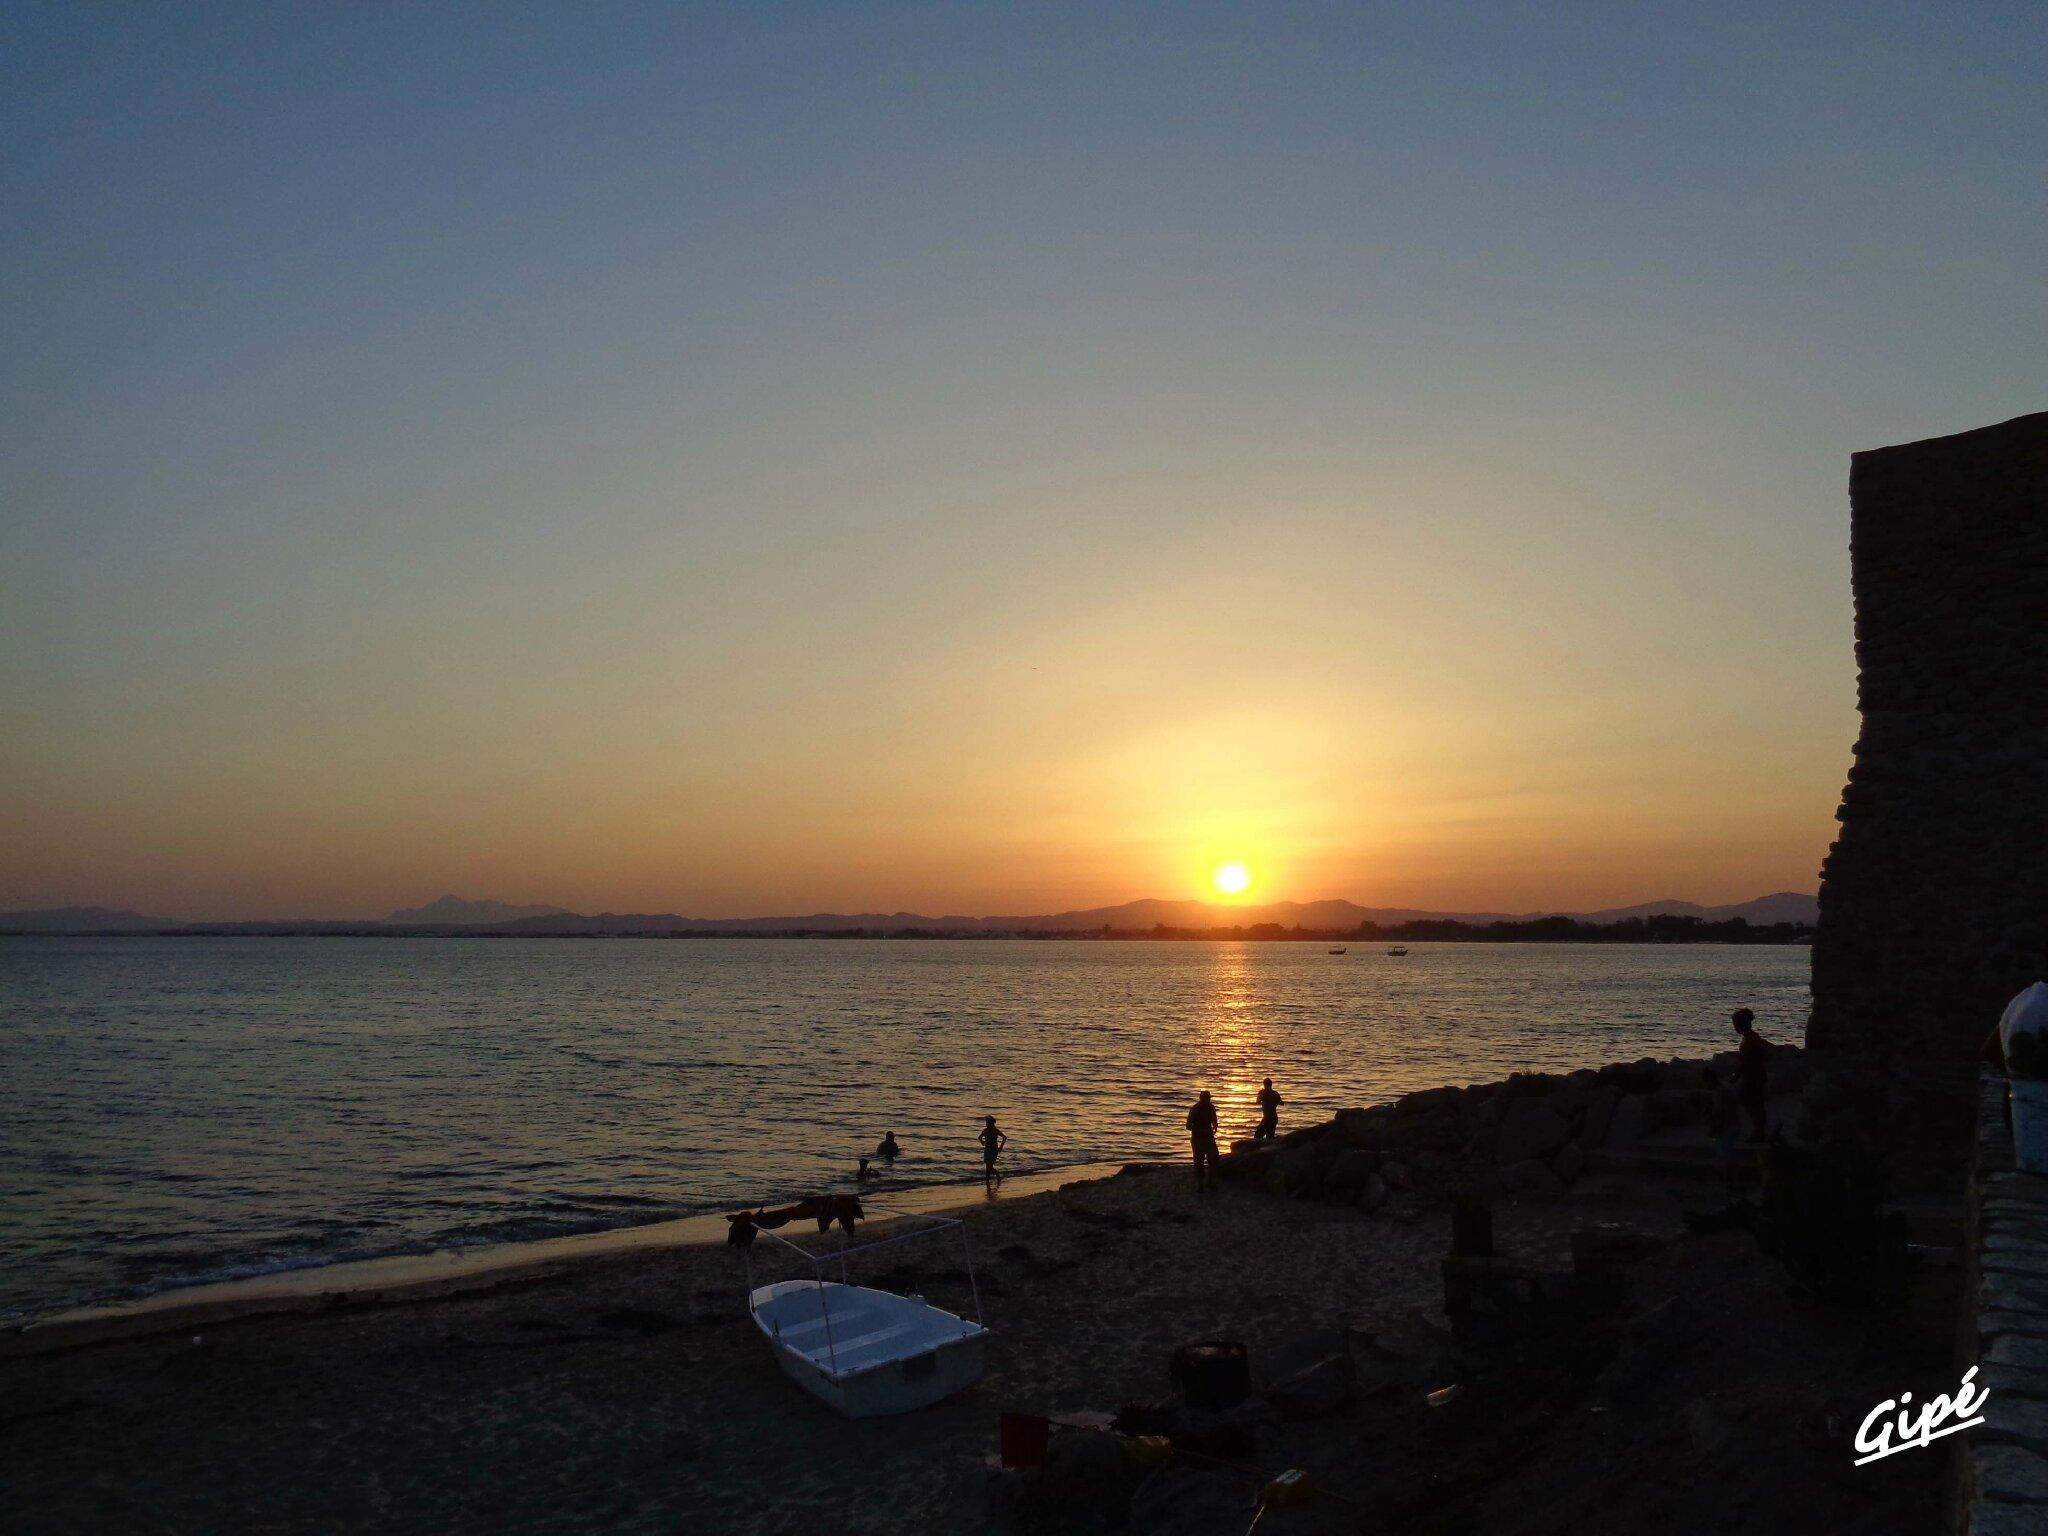 Le coucher de soleil du dimanche 27 juillet 2014